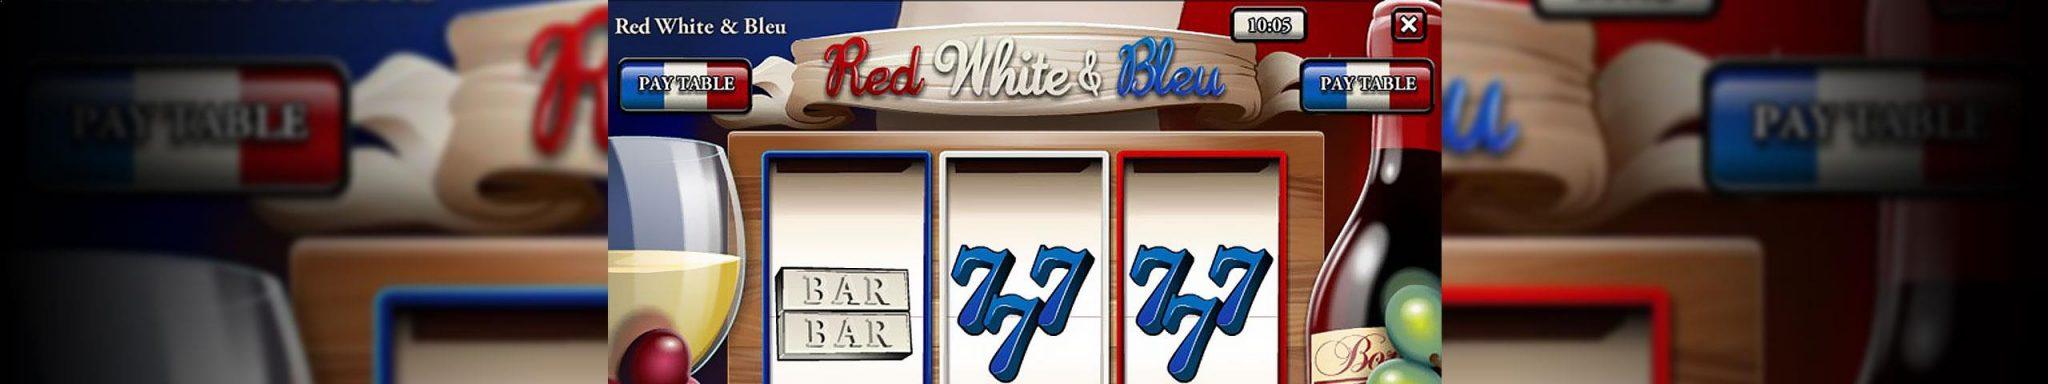 Norske Spilleautomater Red White & BleuRival Slider - Himmelspill.com